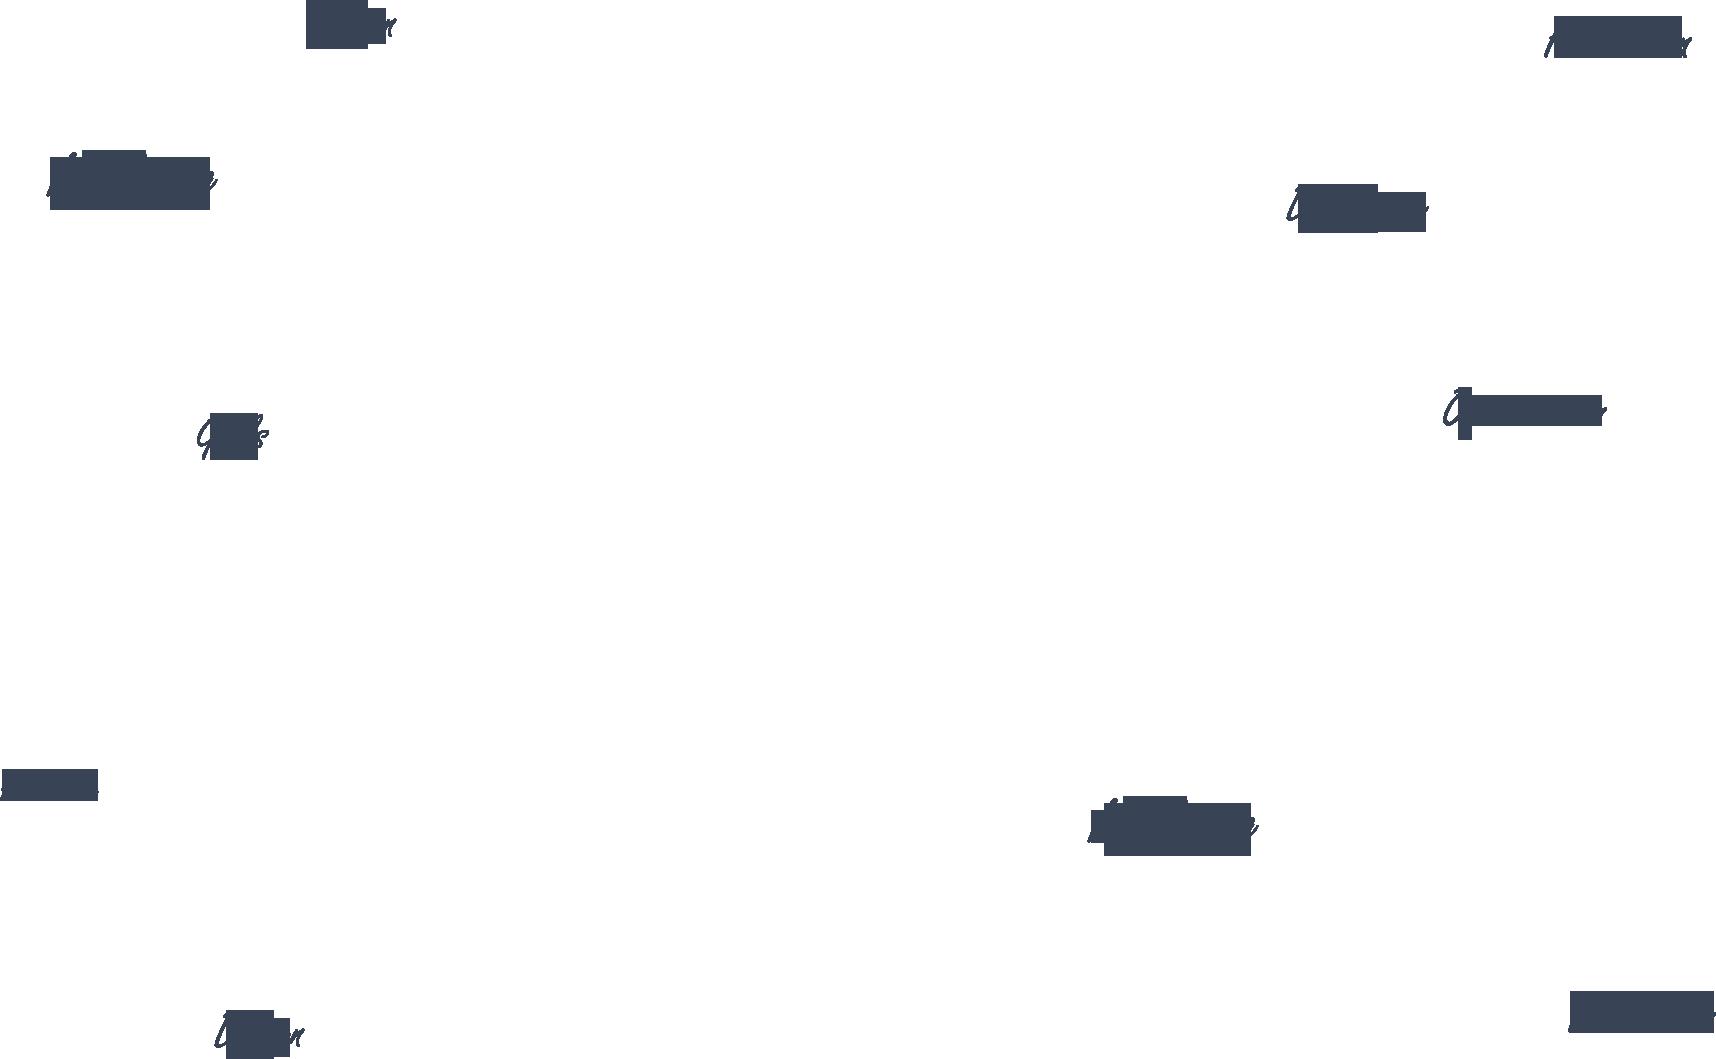 Marketing Section Background Image